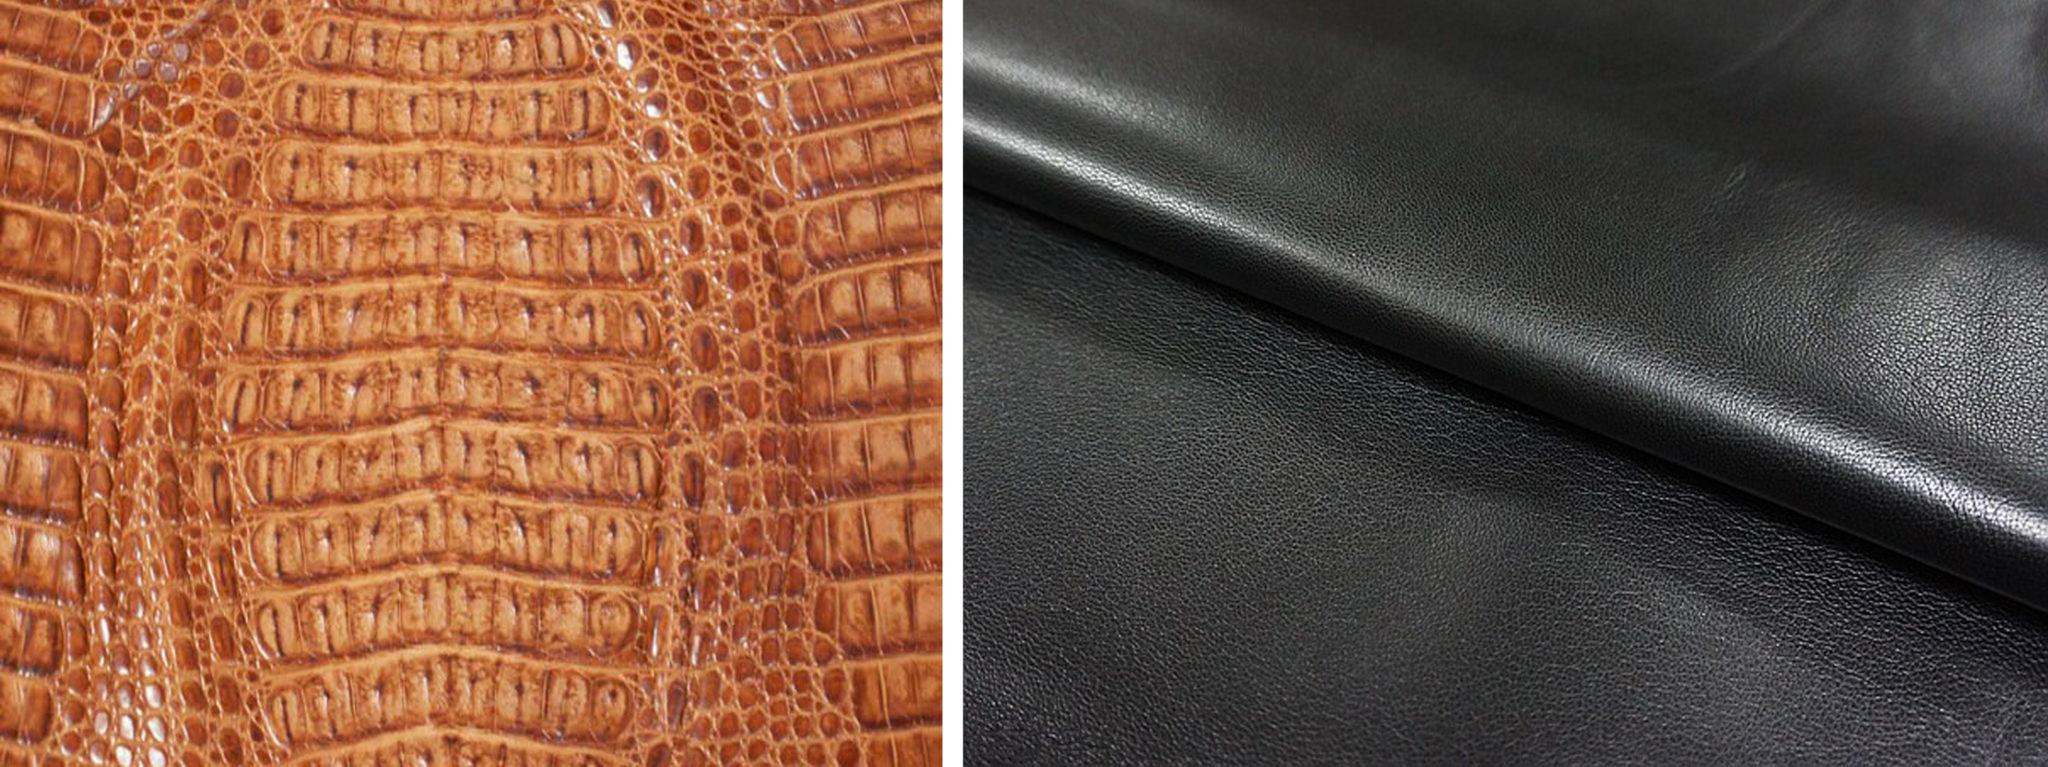 Натуральная кожа, из которой шьется верхняя одежда, отличается и по способу  обработки. Наиболее популярна гладкая кожа. Она имеет натуральный,  естественный ... 37cd37d6ef8